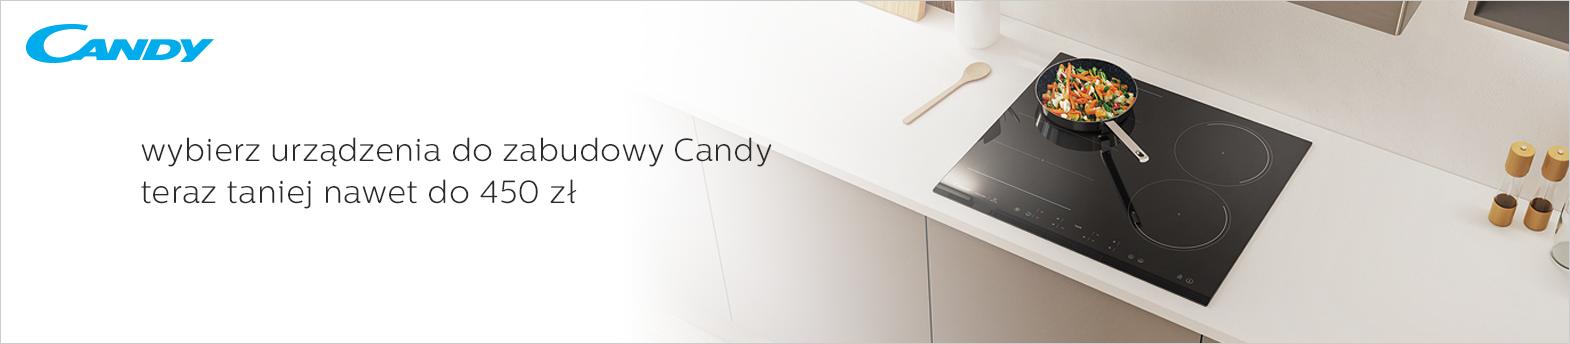 Candy promocja